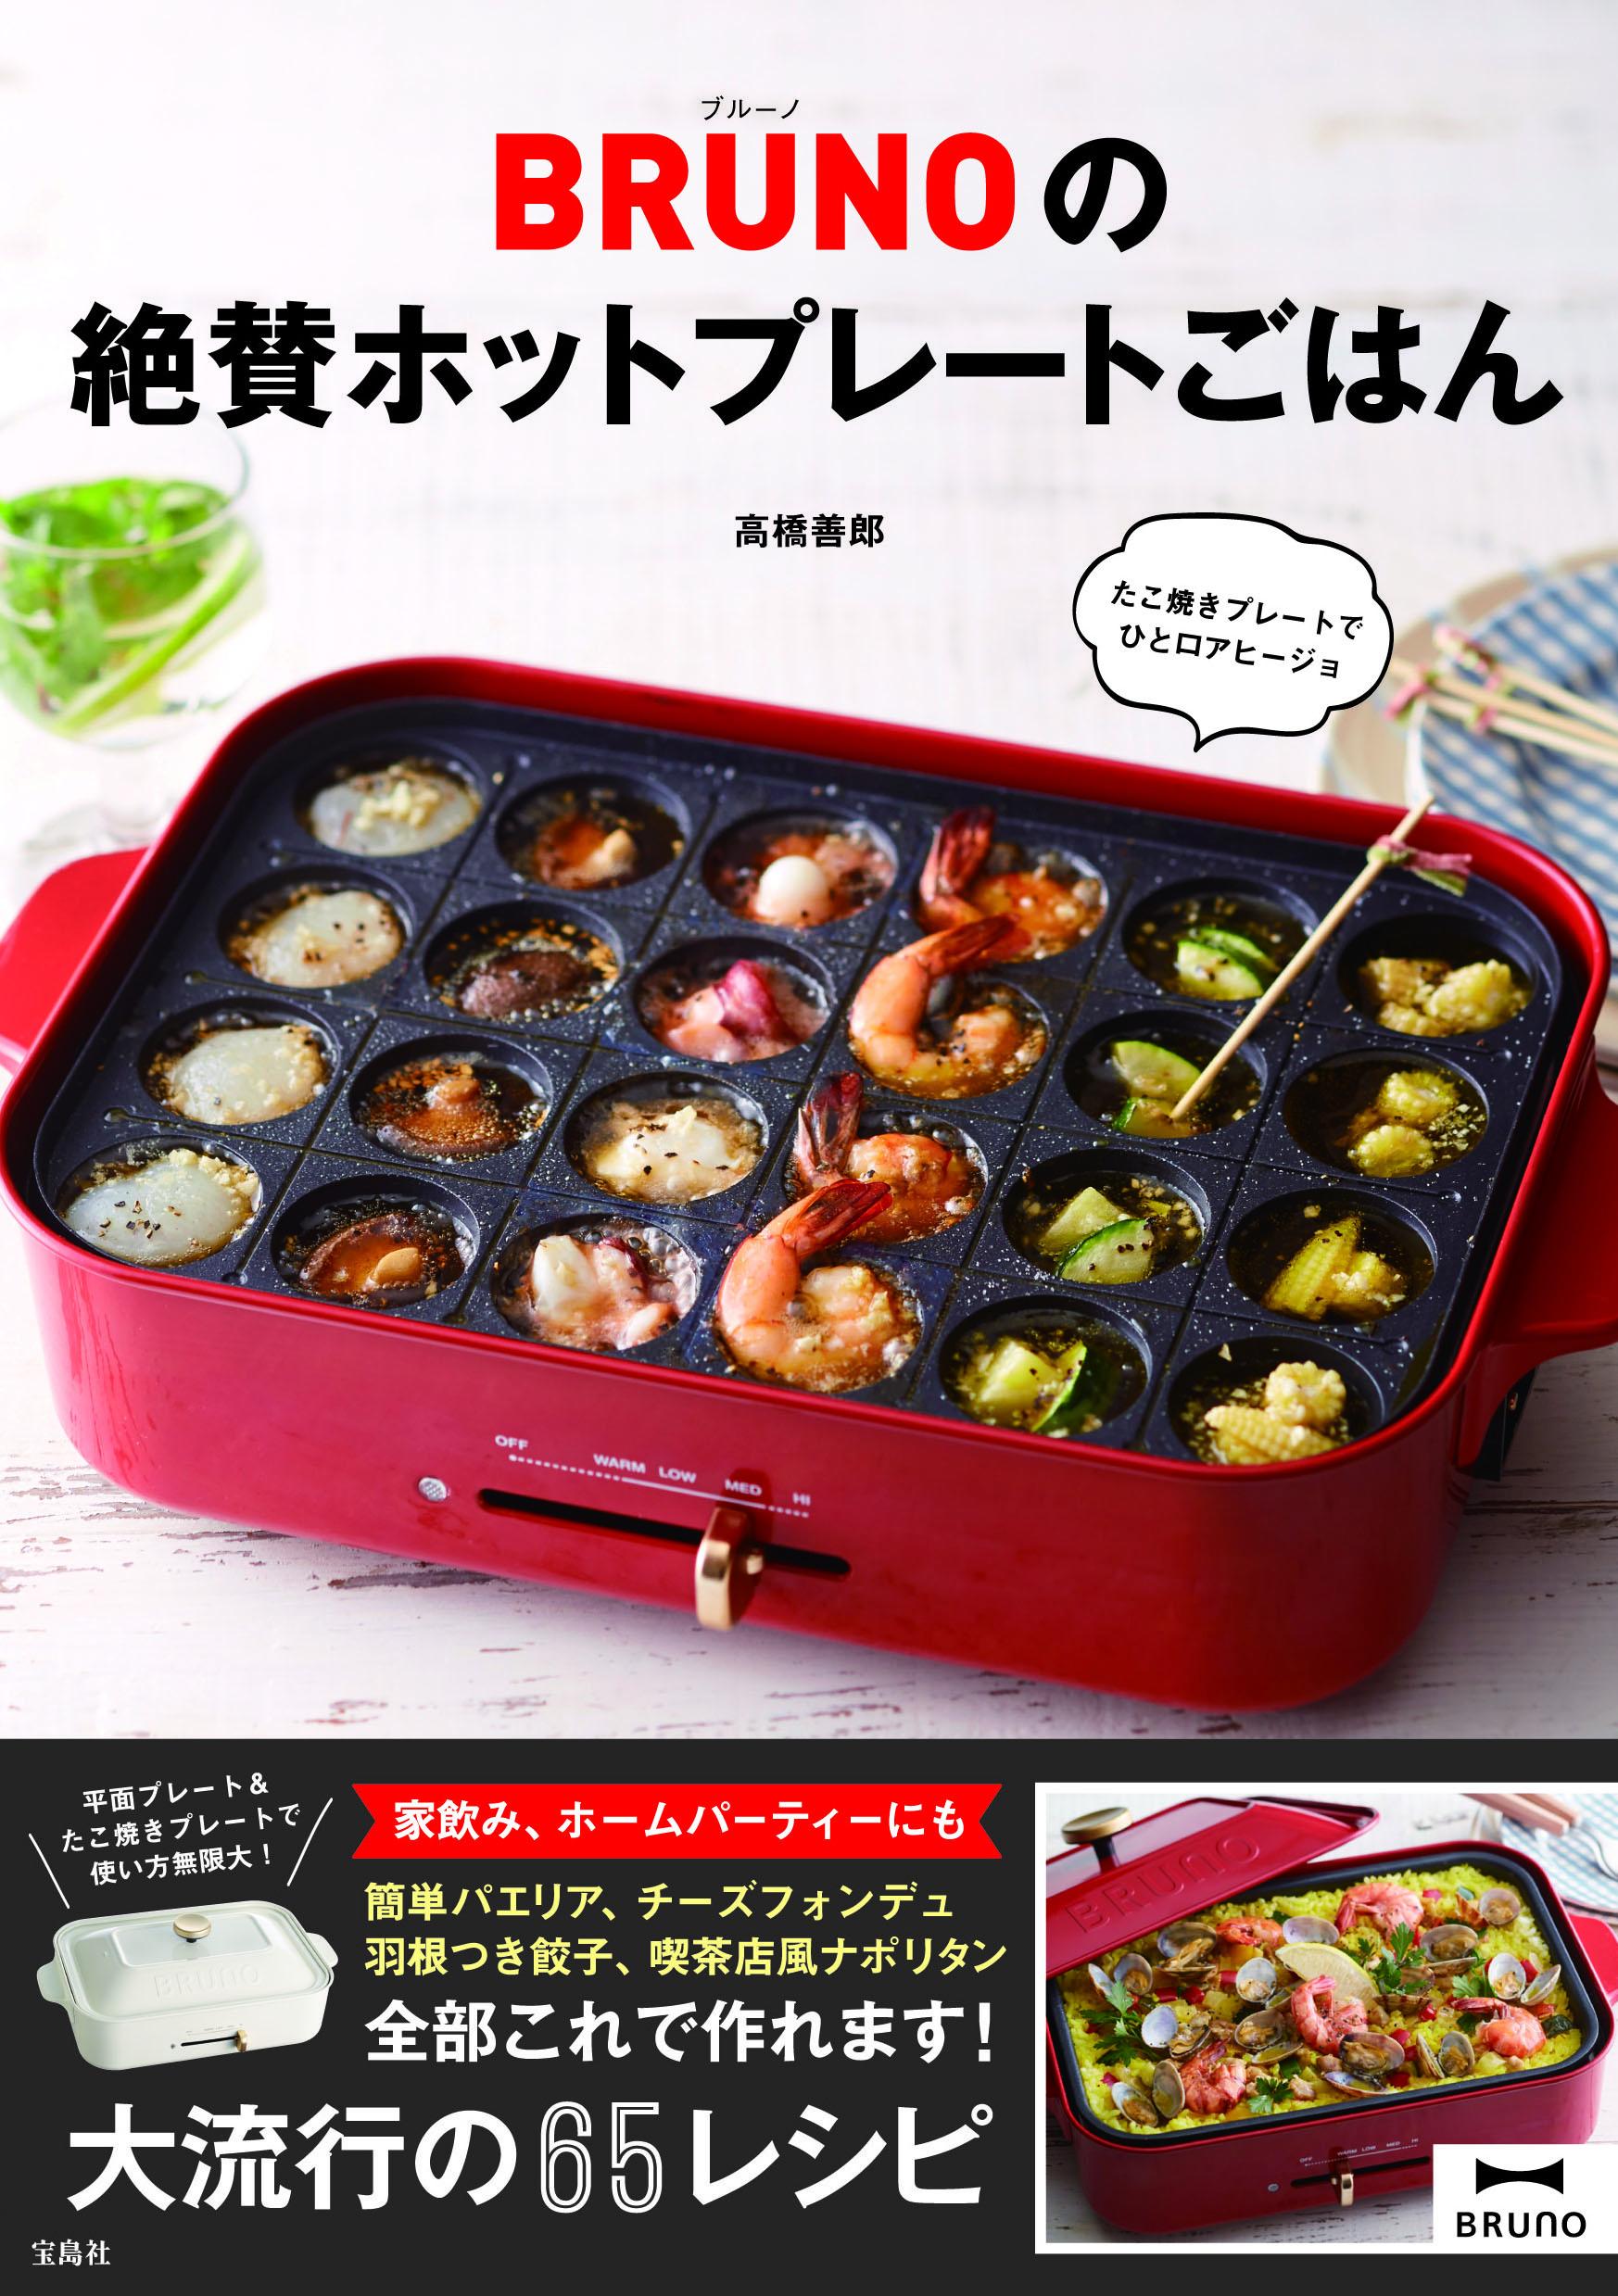 【新刊】宝島社「BRUNOの絶賛ホットプレートごはん」発売